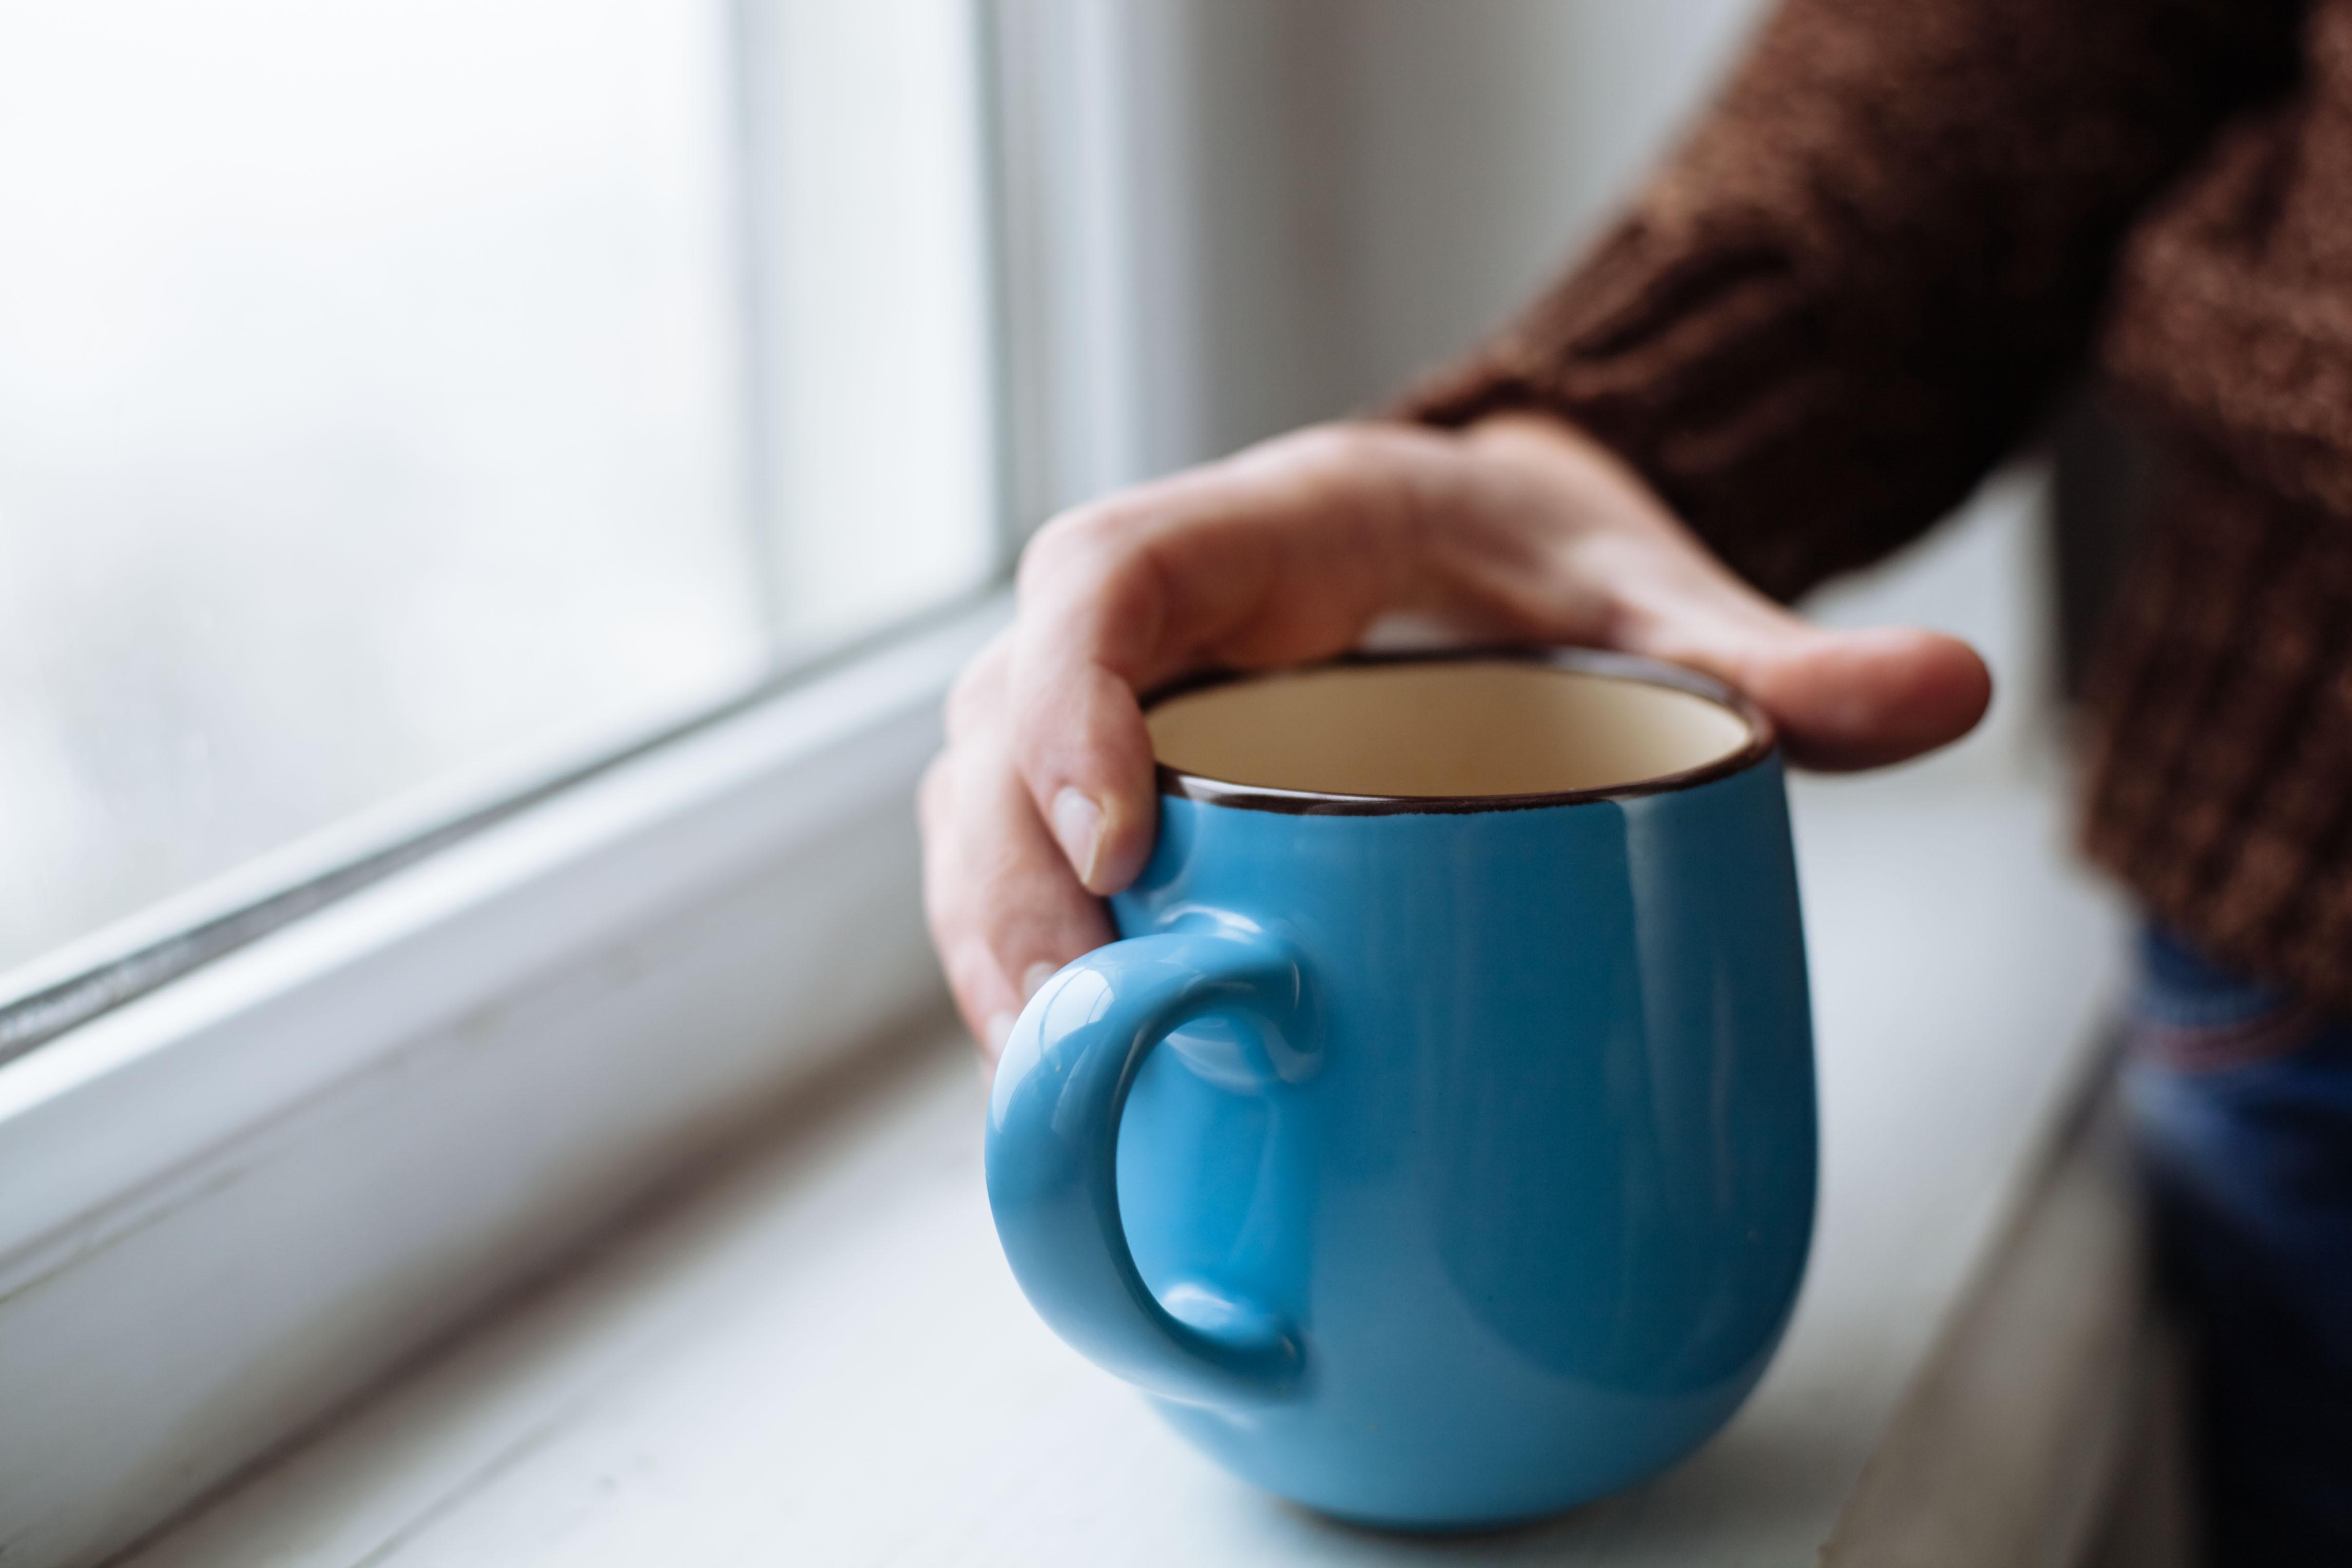 Ur forsknings- och hälsosynpunkt är tre till fyra koppar kaffe om dagen det optimala menar Susanna Larsson vid Karolinska institutet.